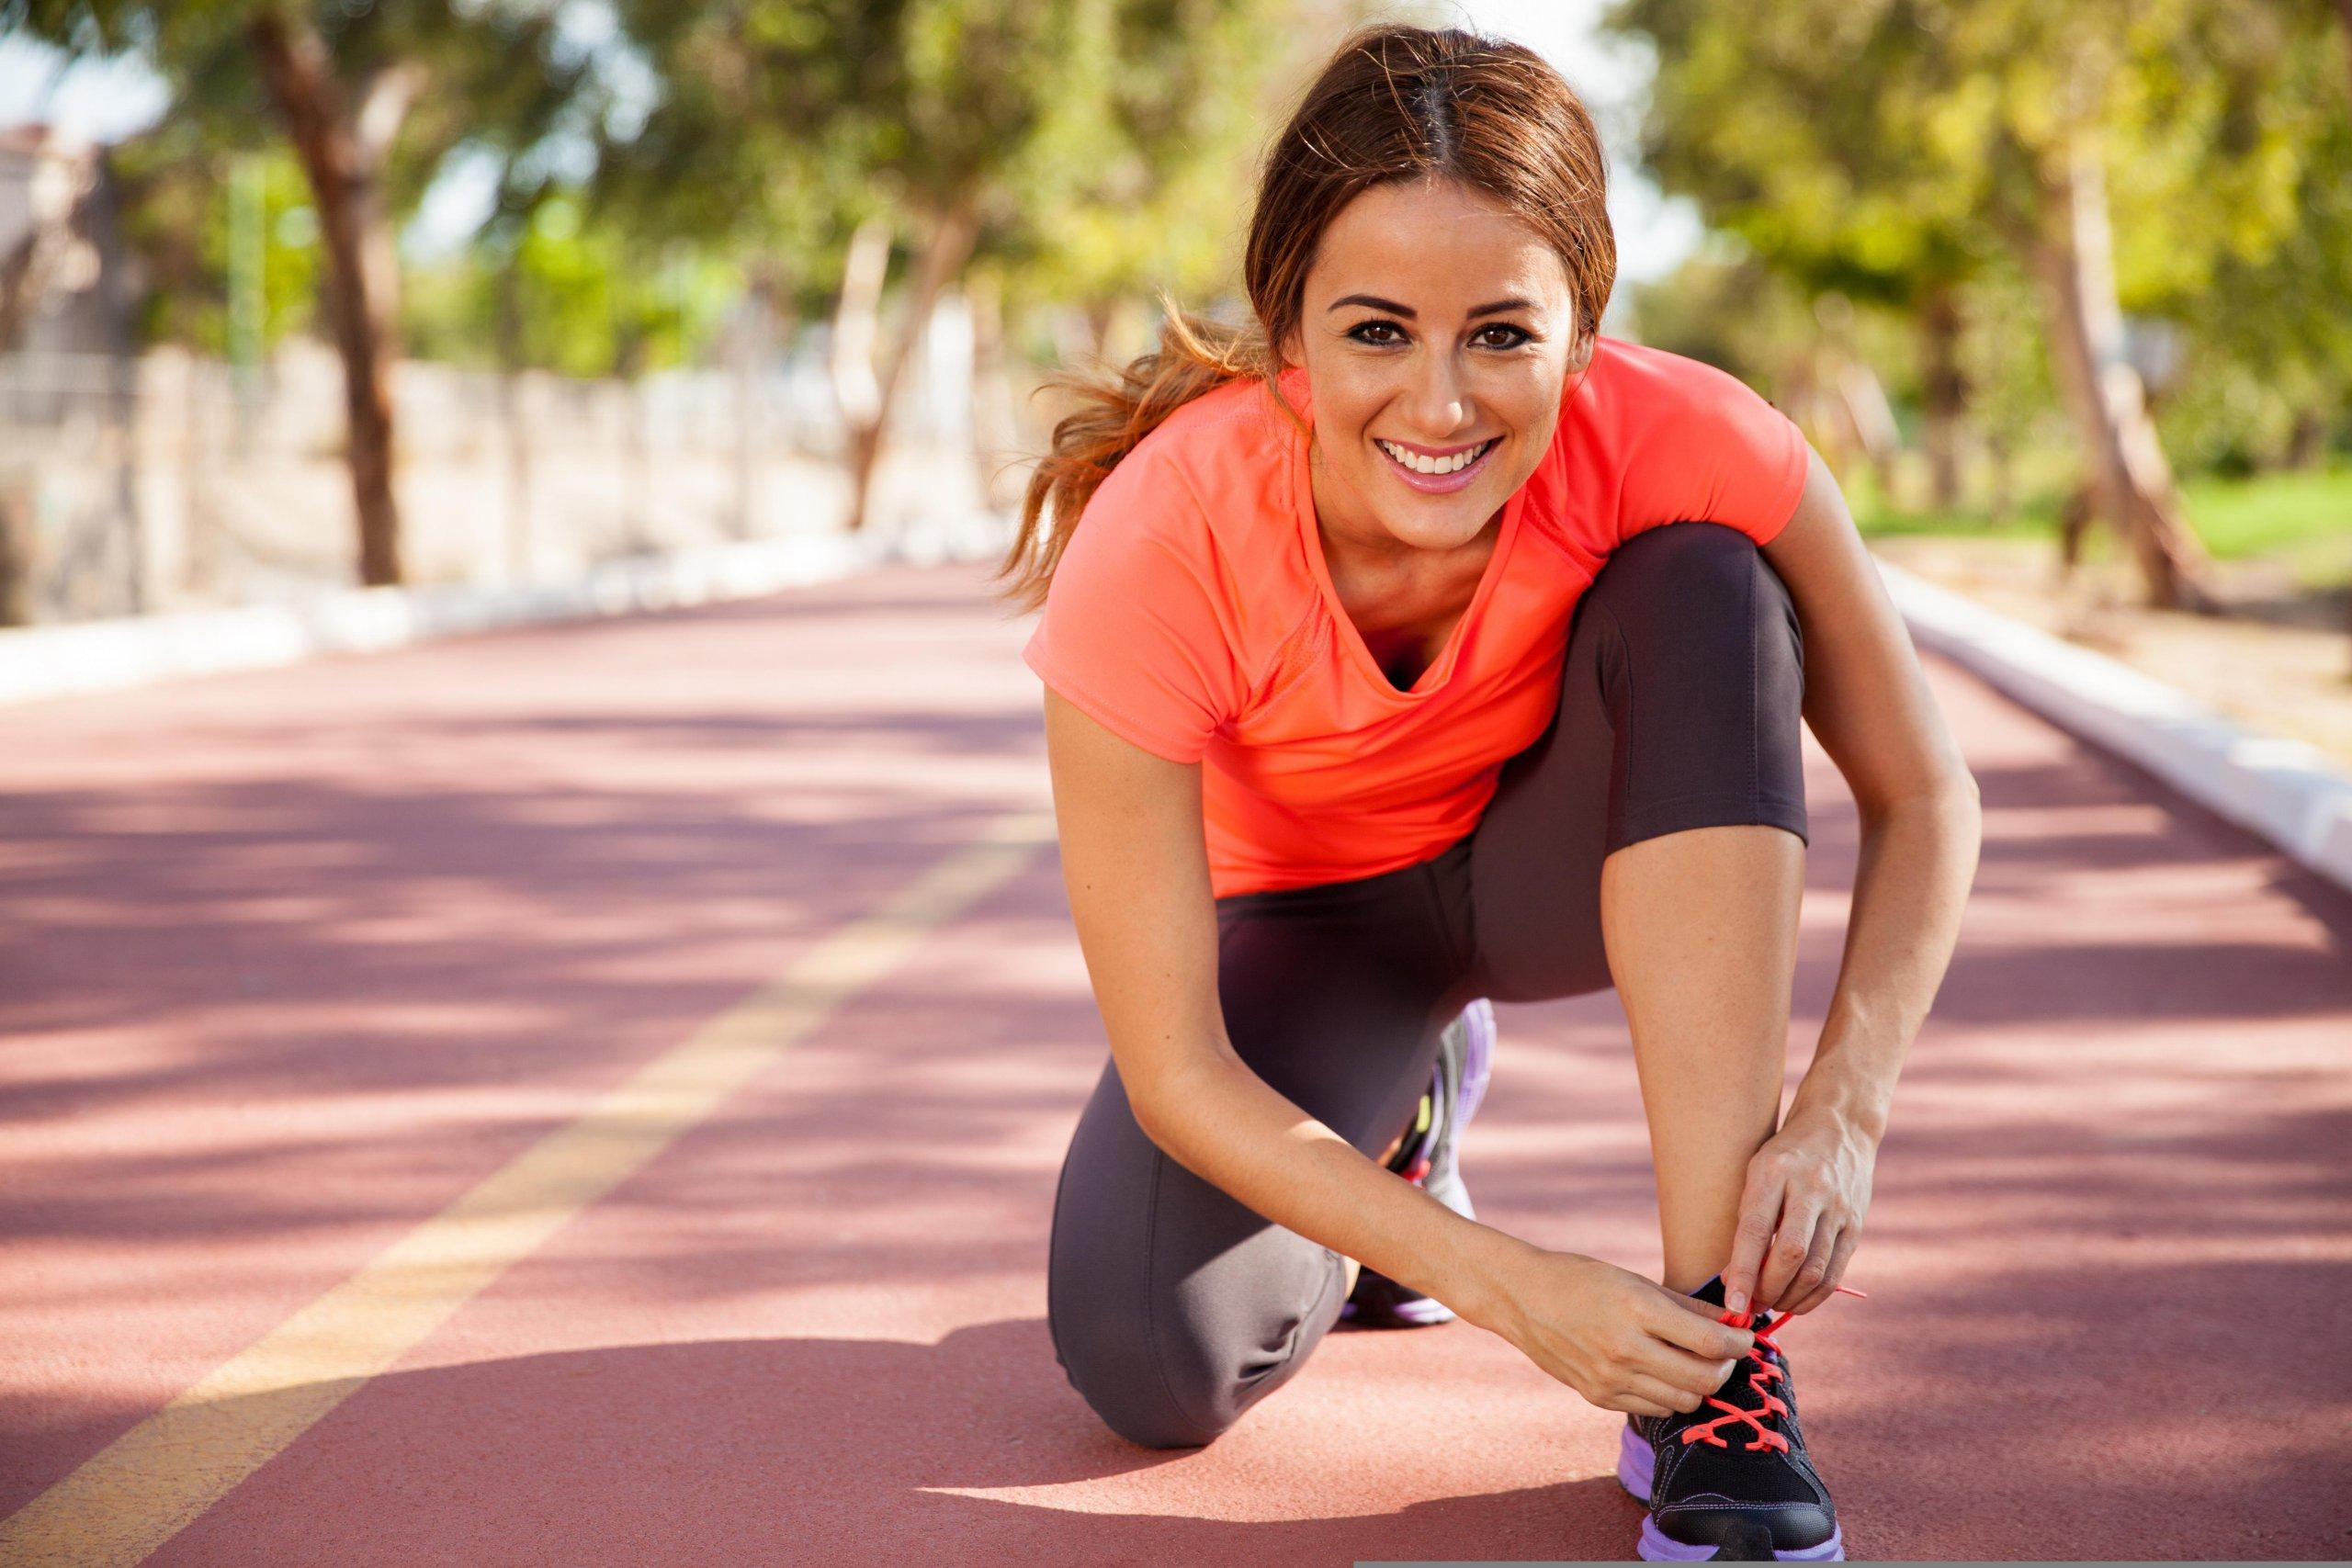 Занятие бегом, ходьбой, спортом для сжигания калорий